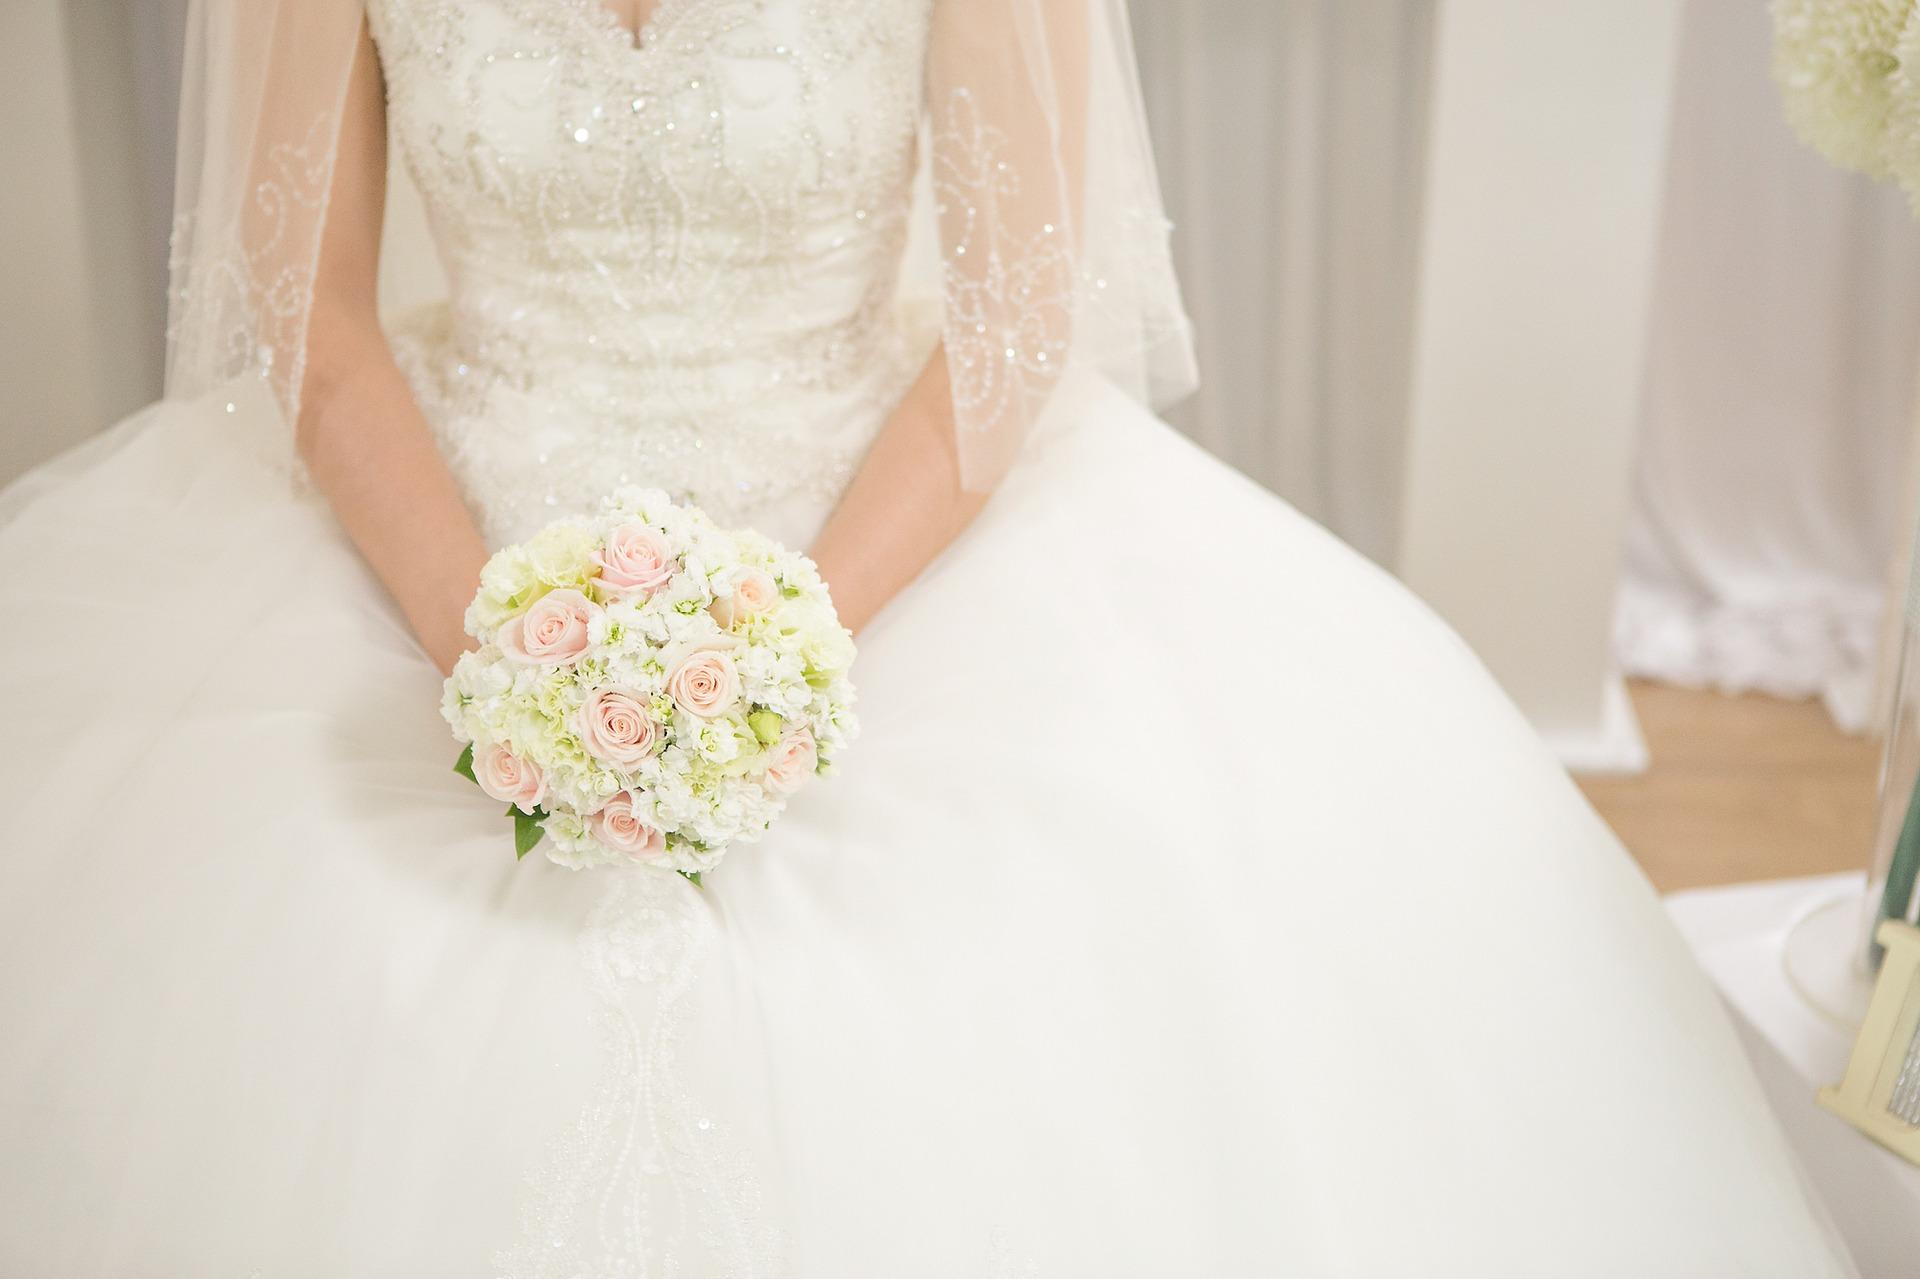 Razones para apostar por un diseño exclusivo en vestidos de novia